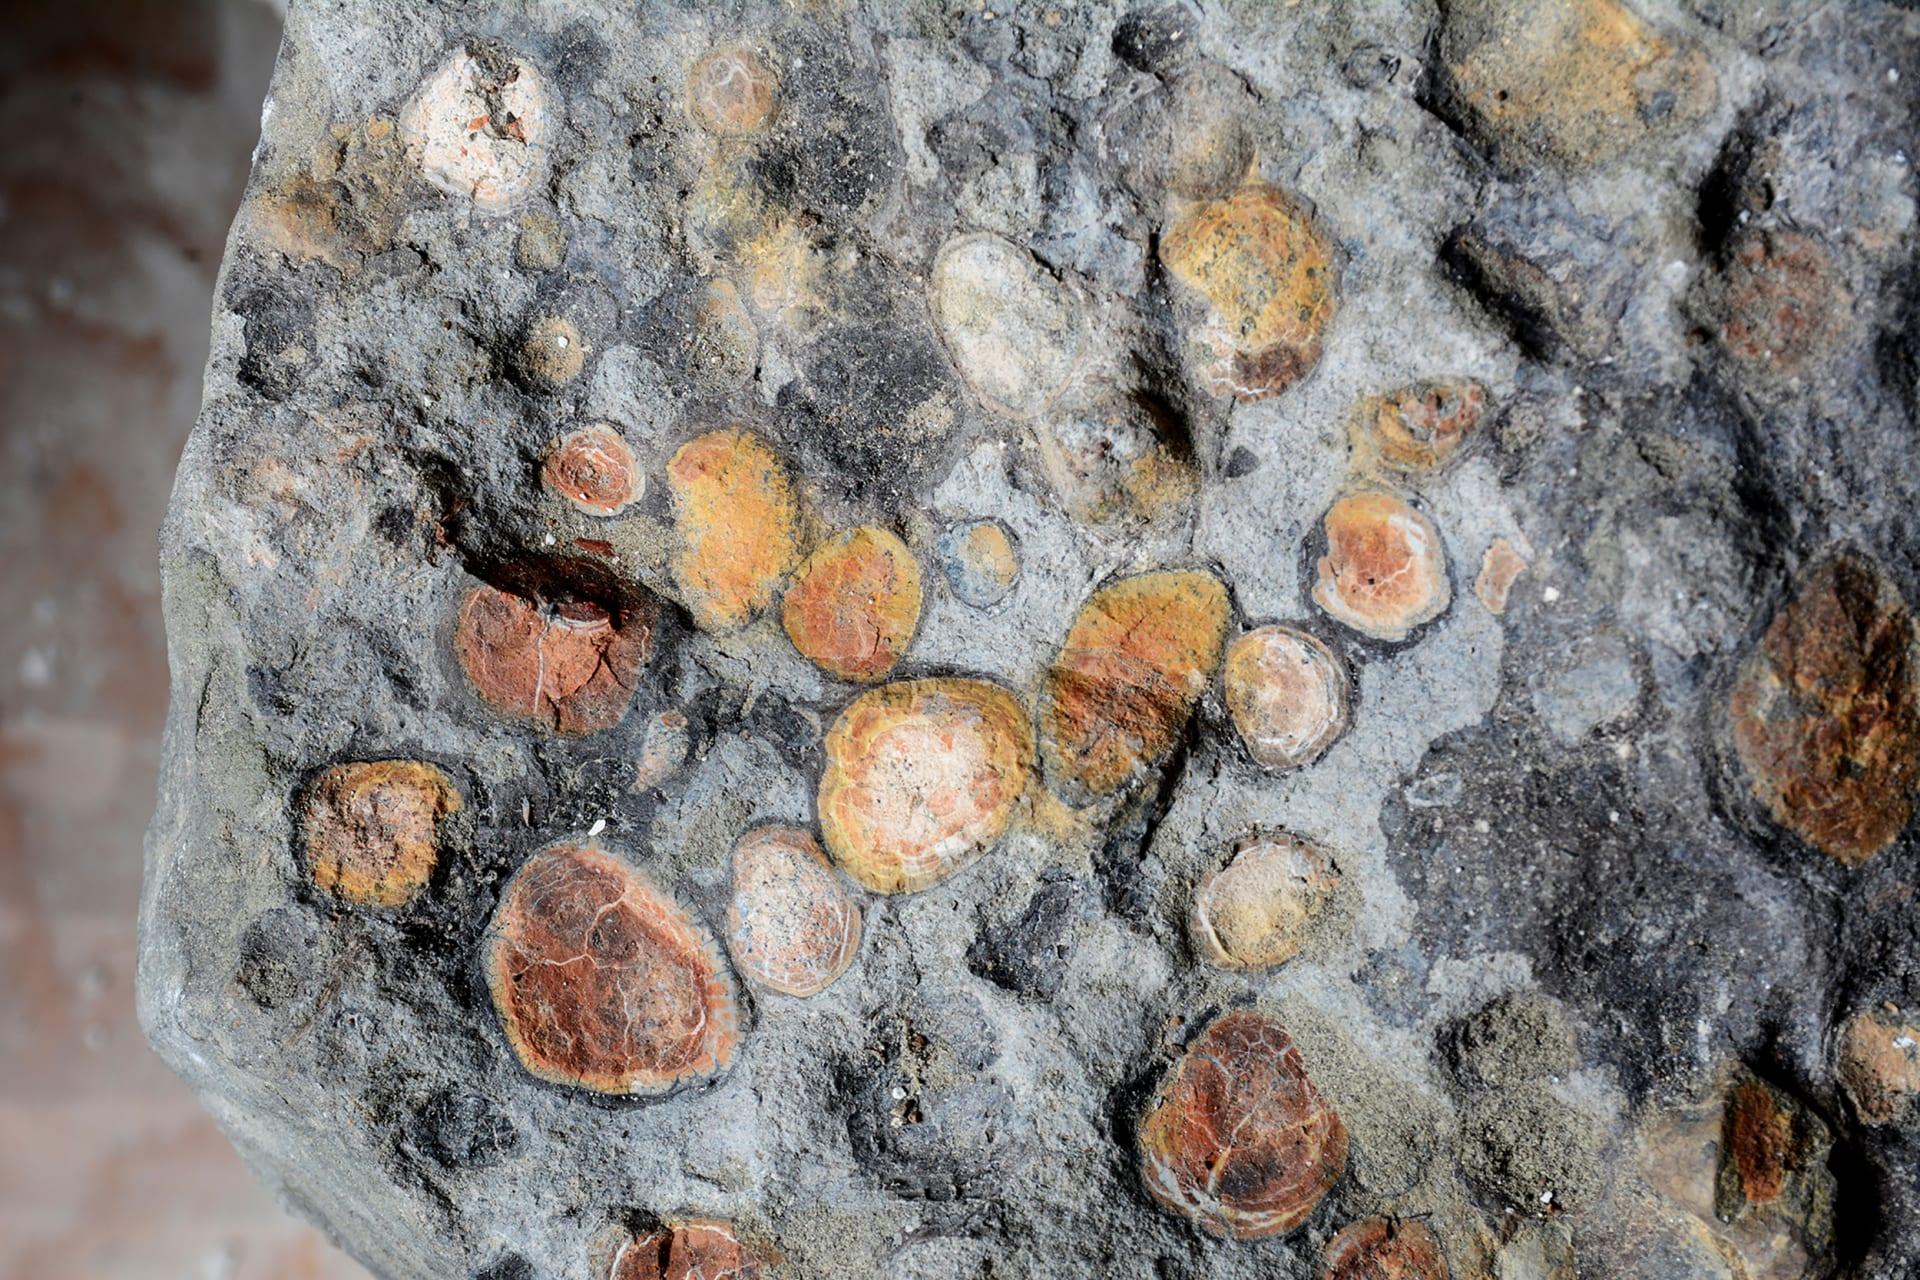 ما كانت وجبته الأخيرة؟ الكشف عن محتويات معدة ديناصور عمره 110 مليون عام